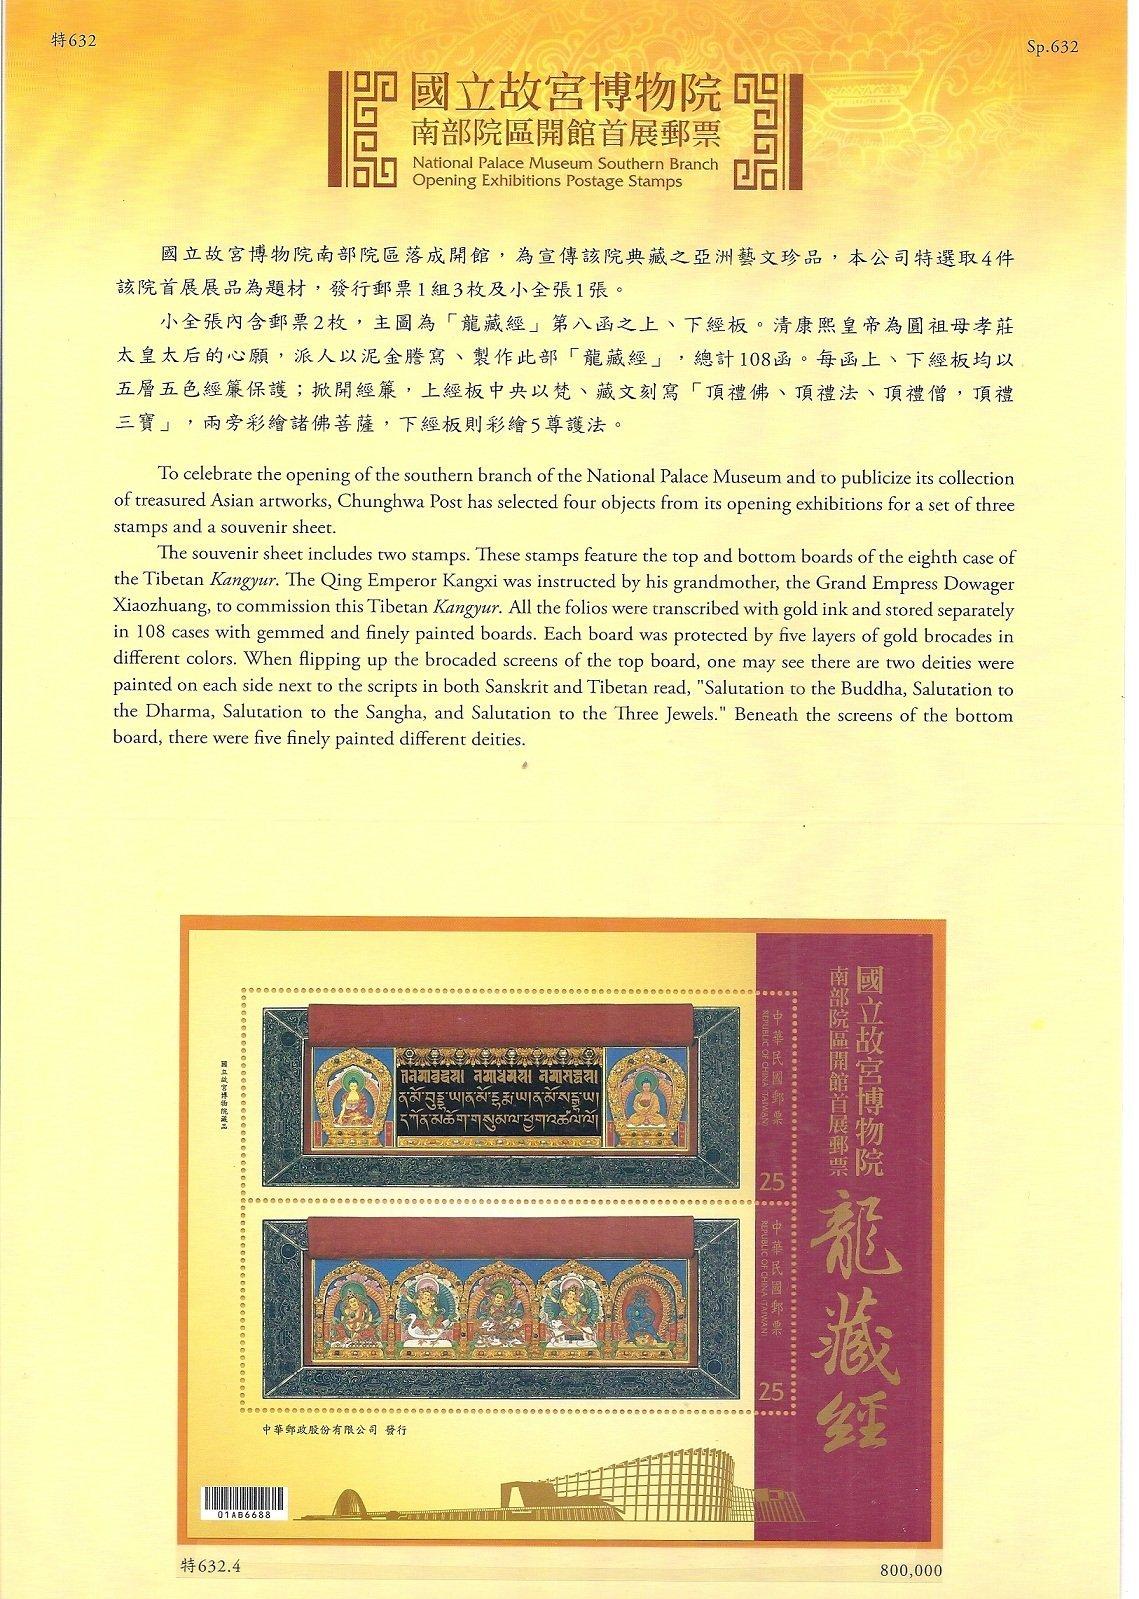 國立故宮博物院南部院區開館首展郵票 小全張1組+未摺護票卡1枚 VF